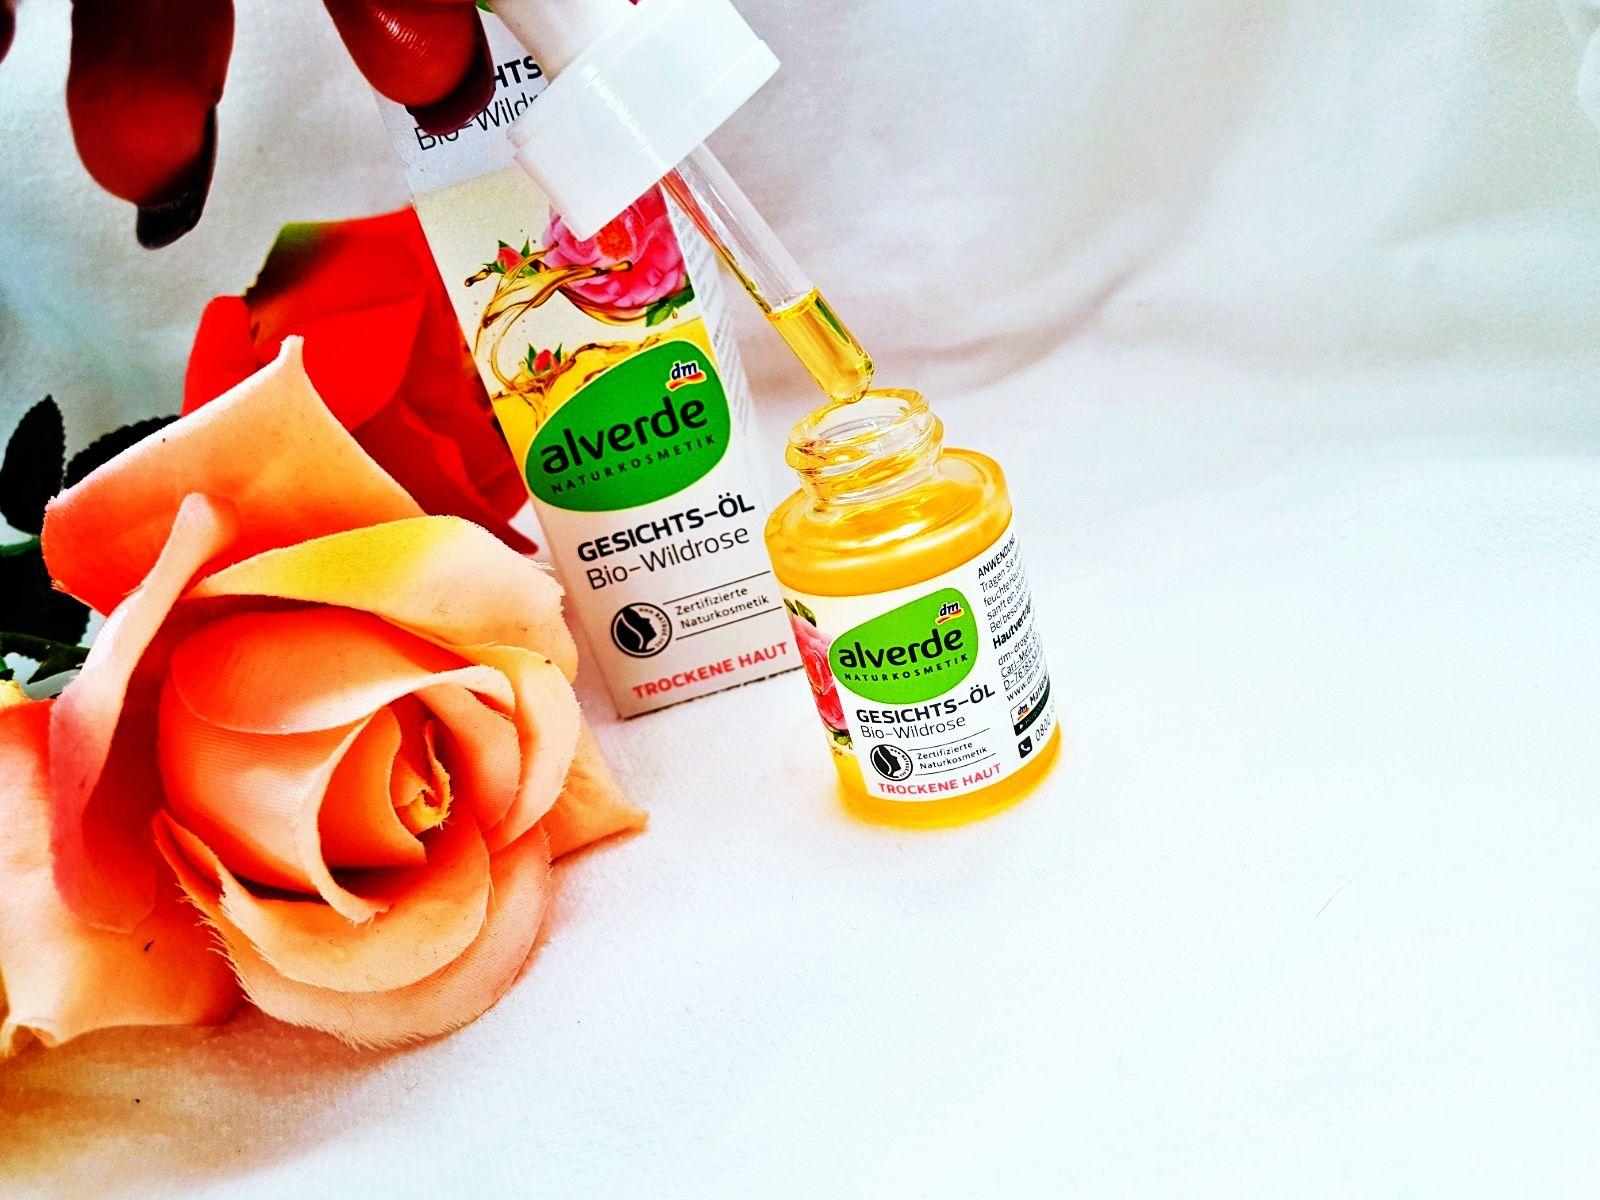 Gesichts-Öl Bio-Wildrose von Alverde